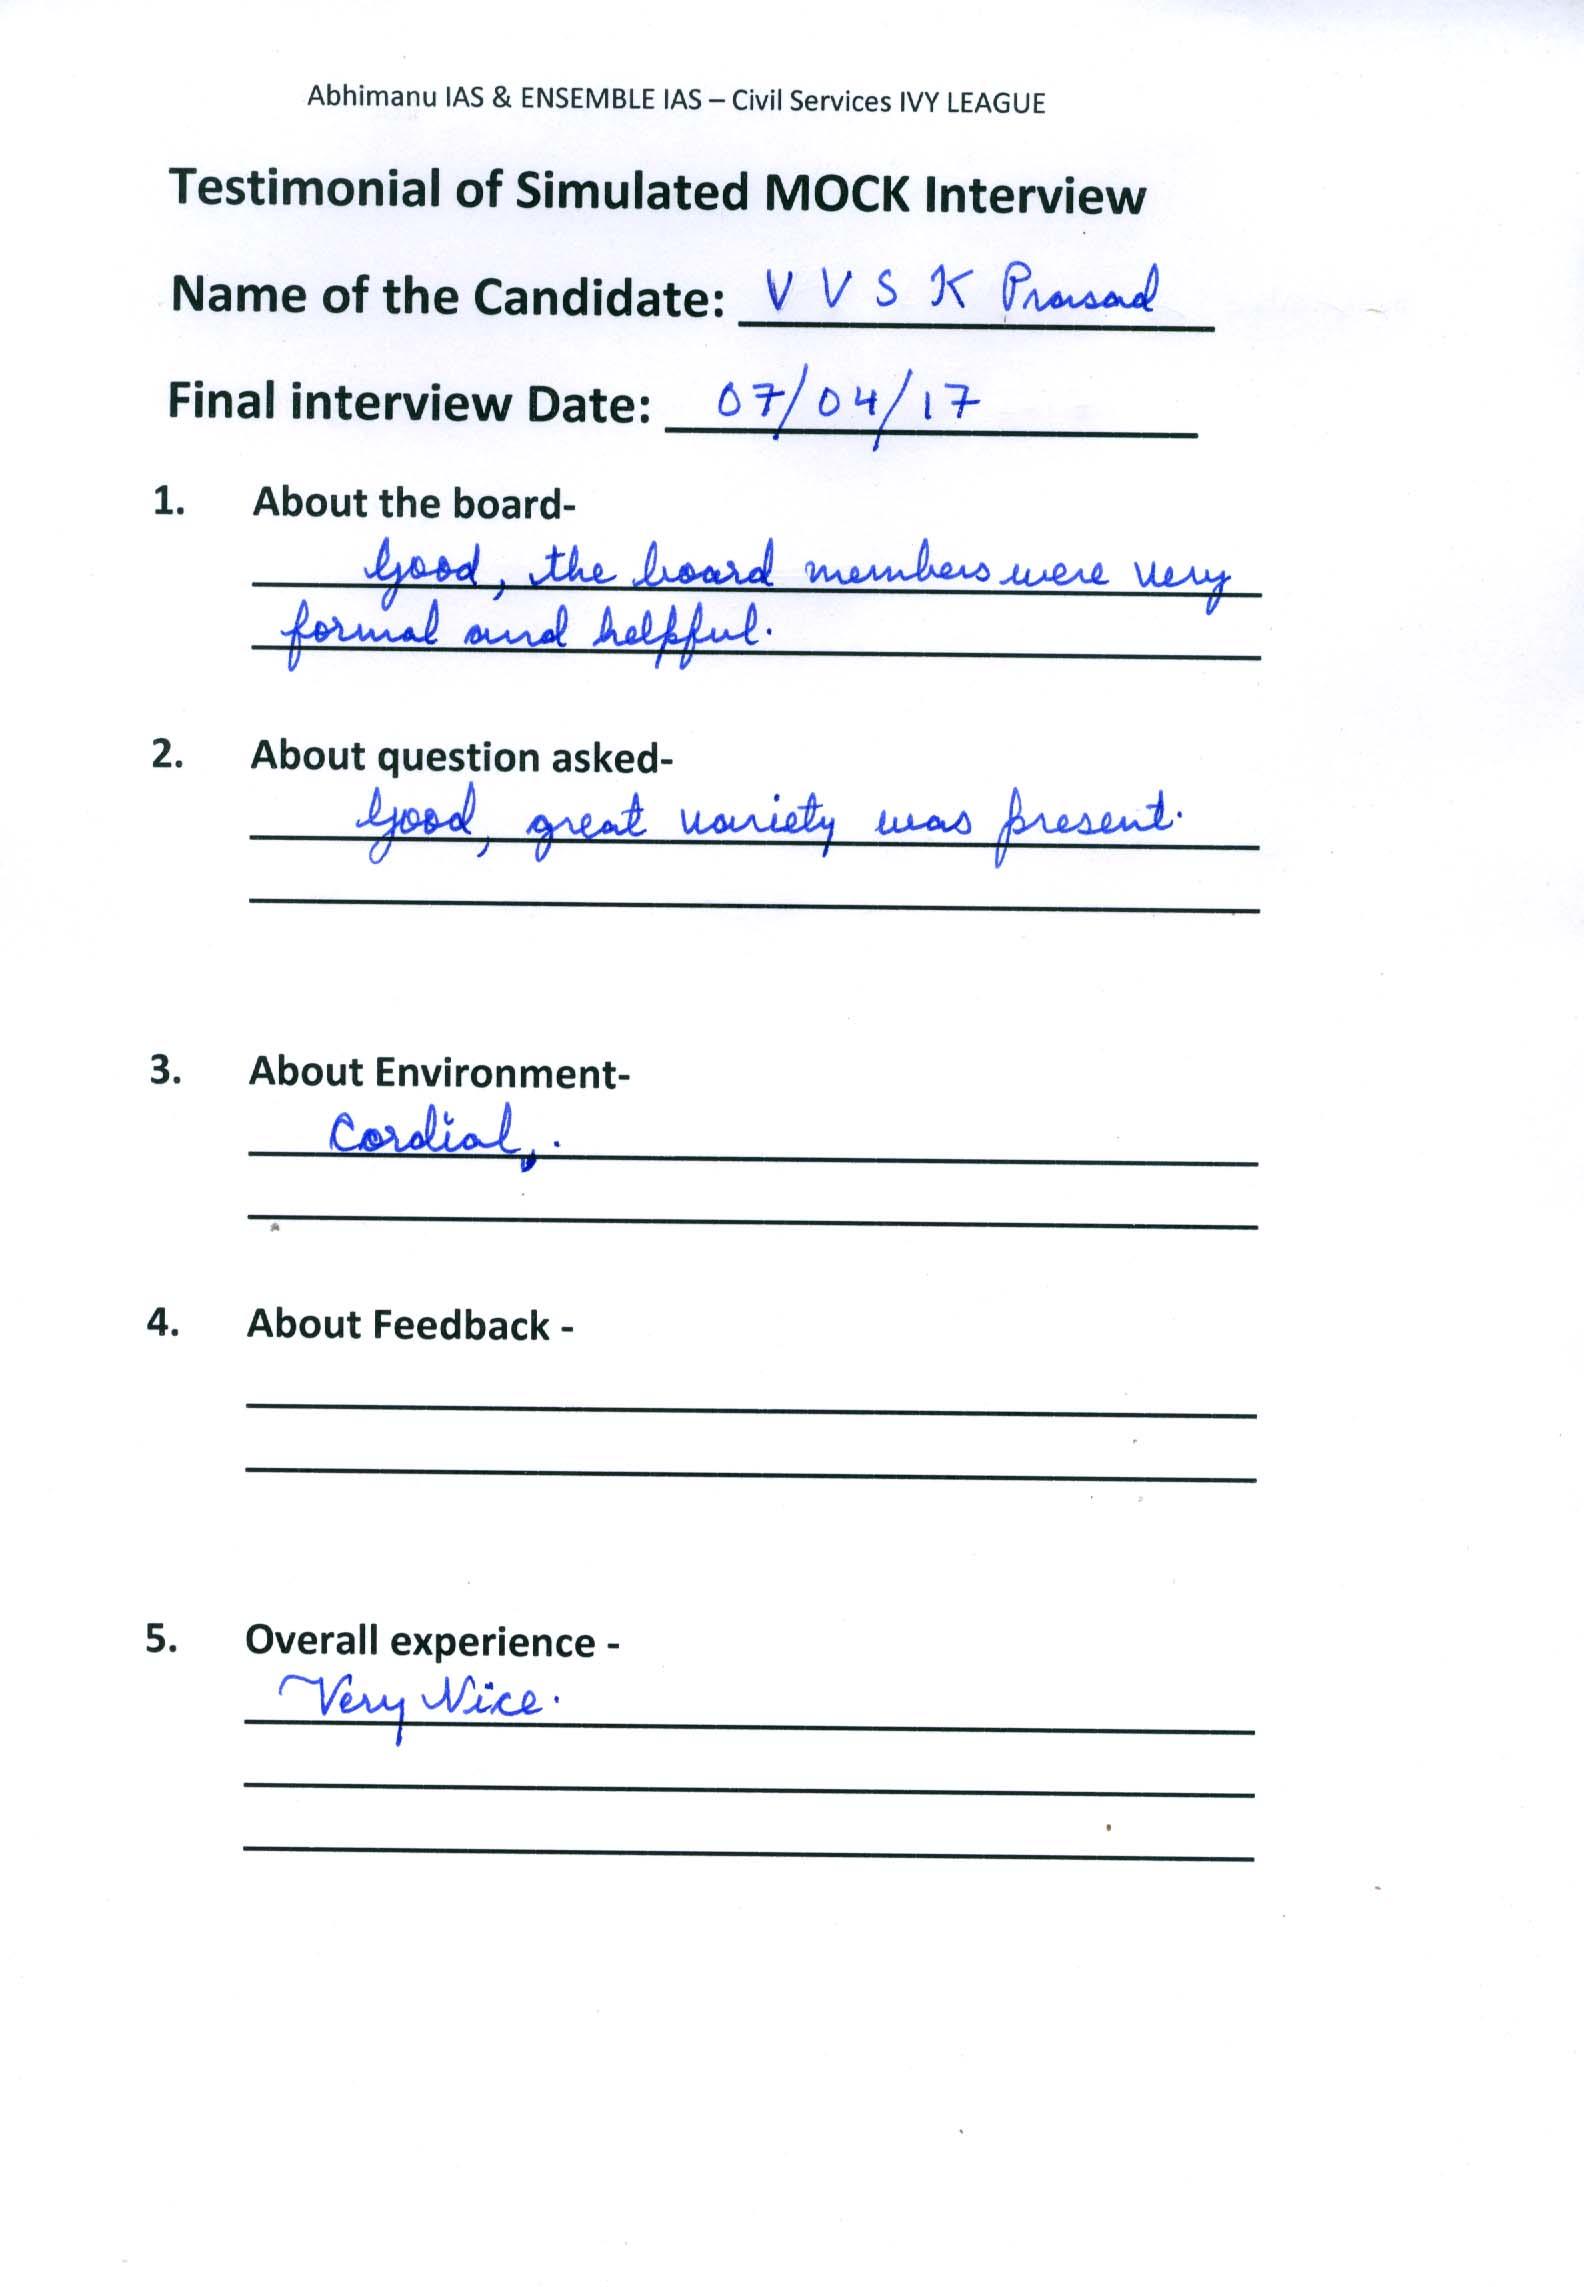 Interview Testimonial By- V V K SK Prashad